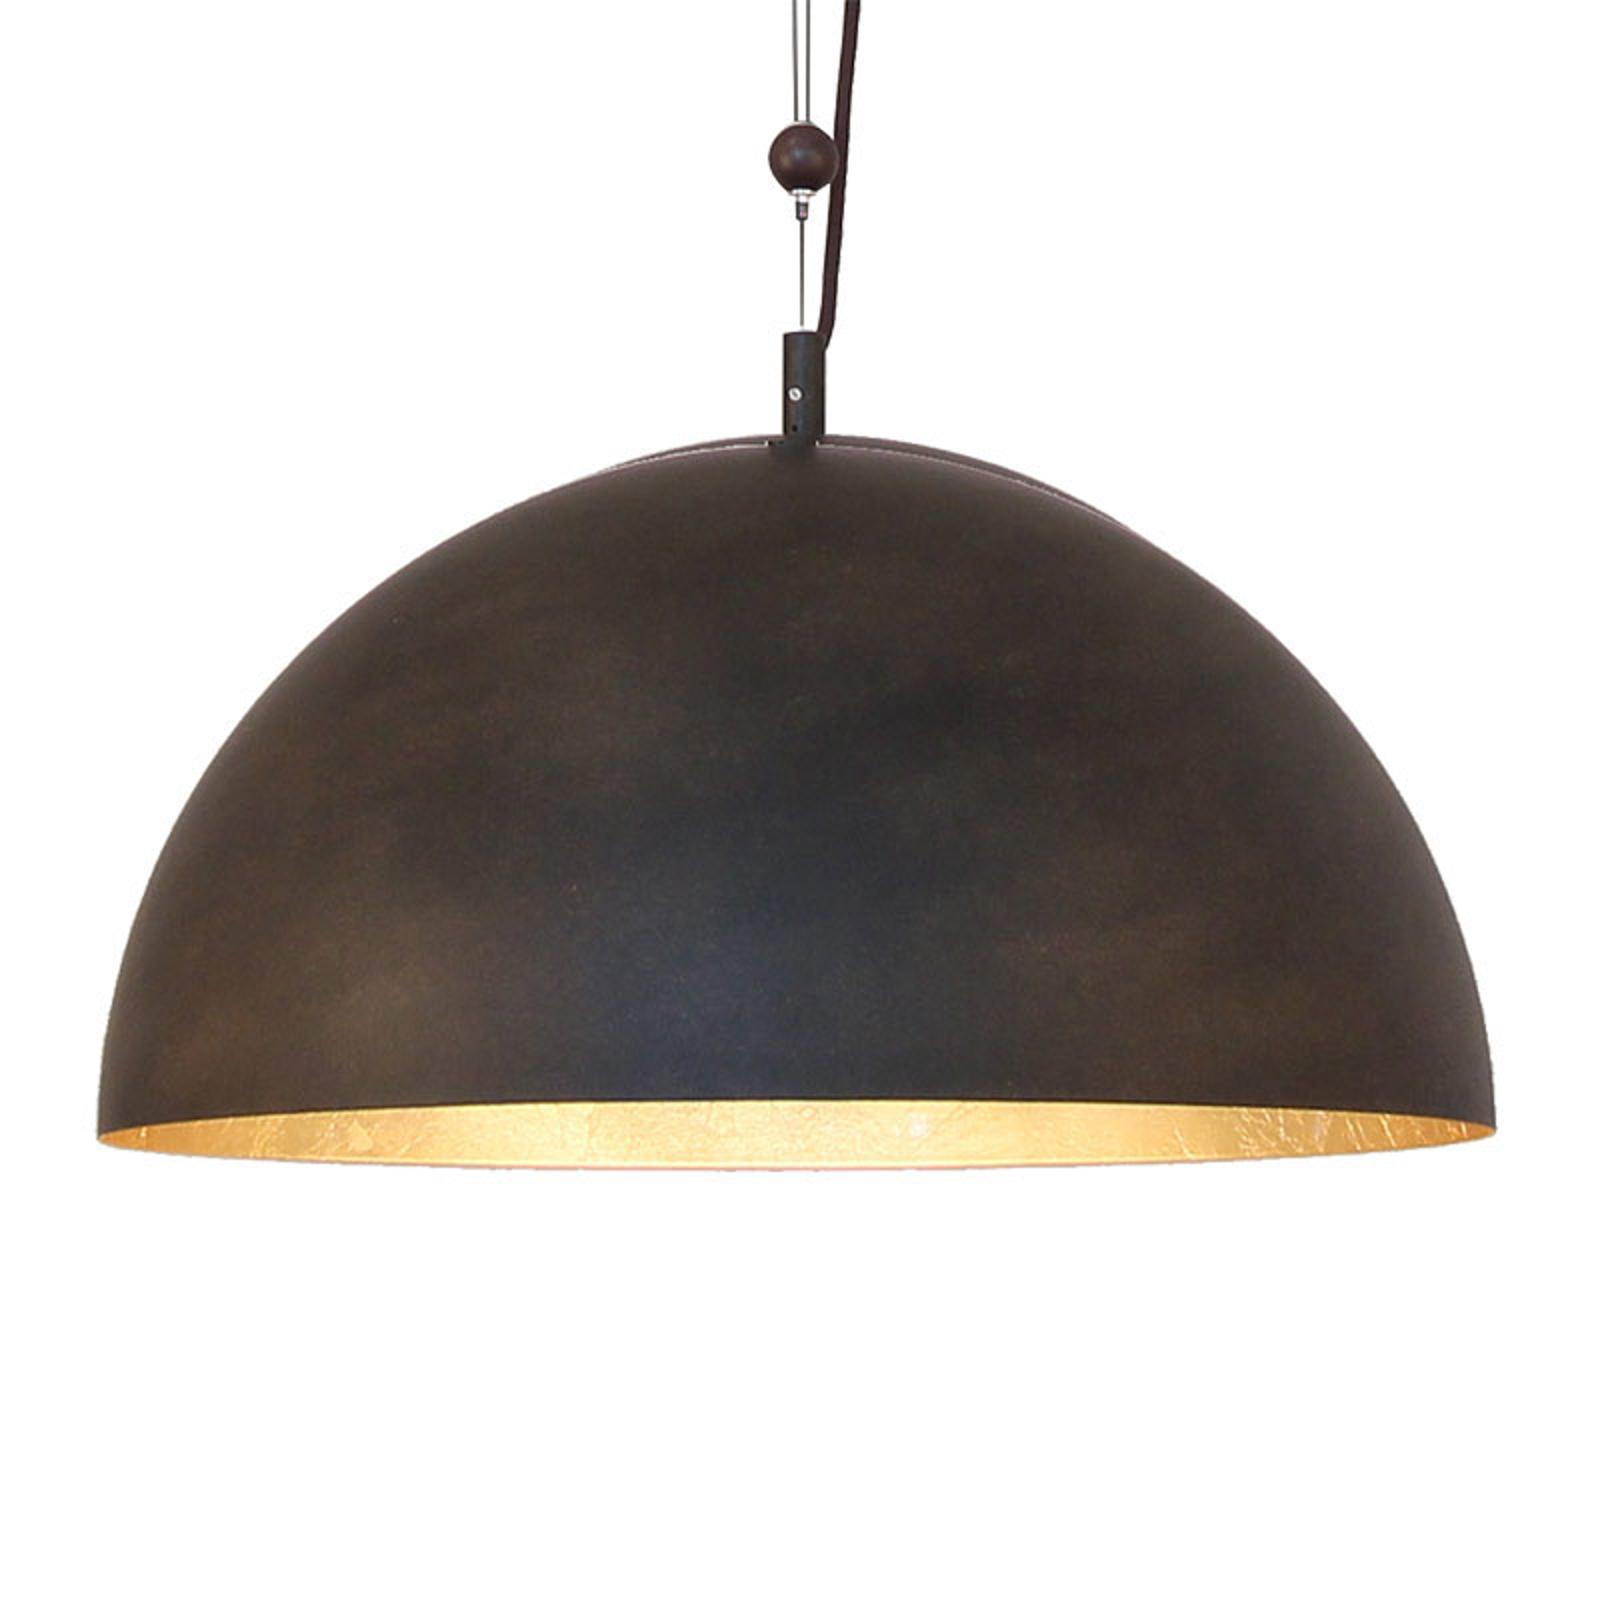 Menzel Solo hængelampe, højdejusterbar